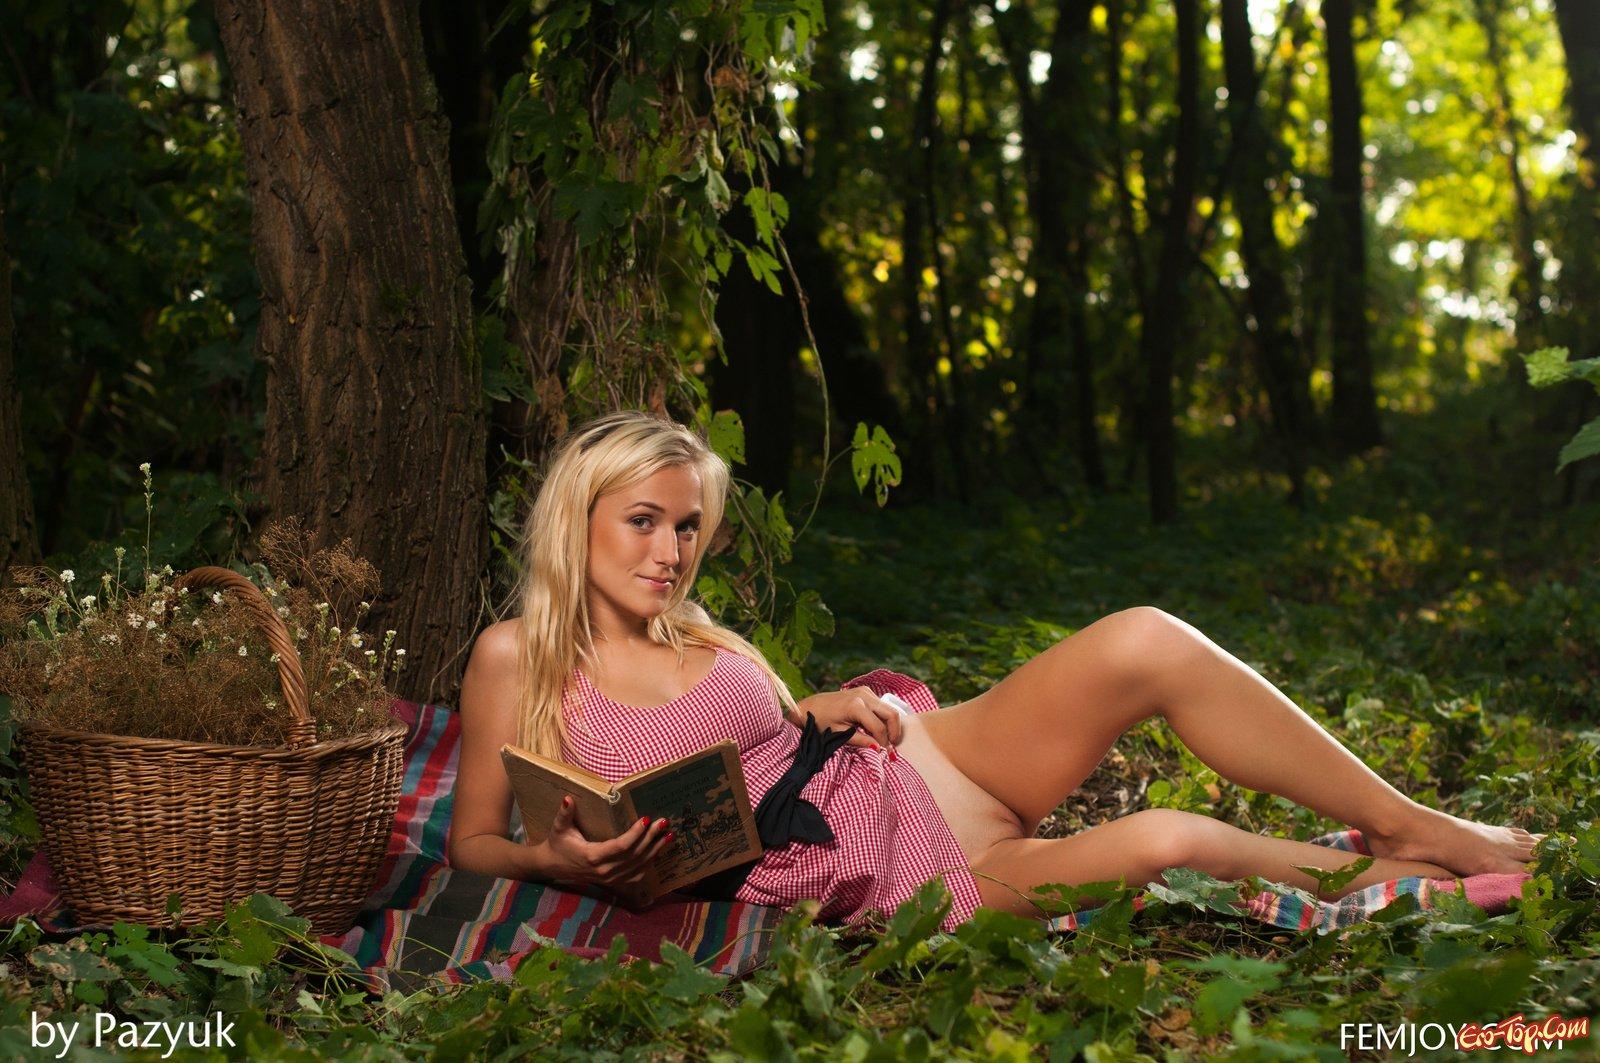 Нагая блондинка на природе